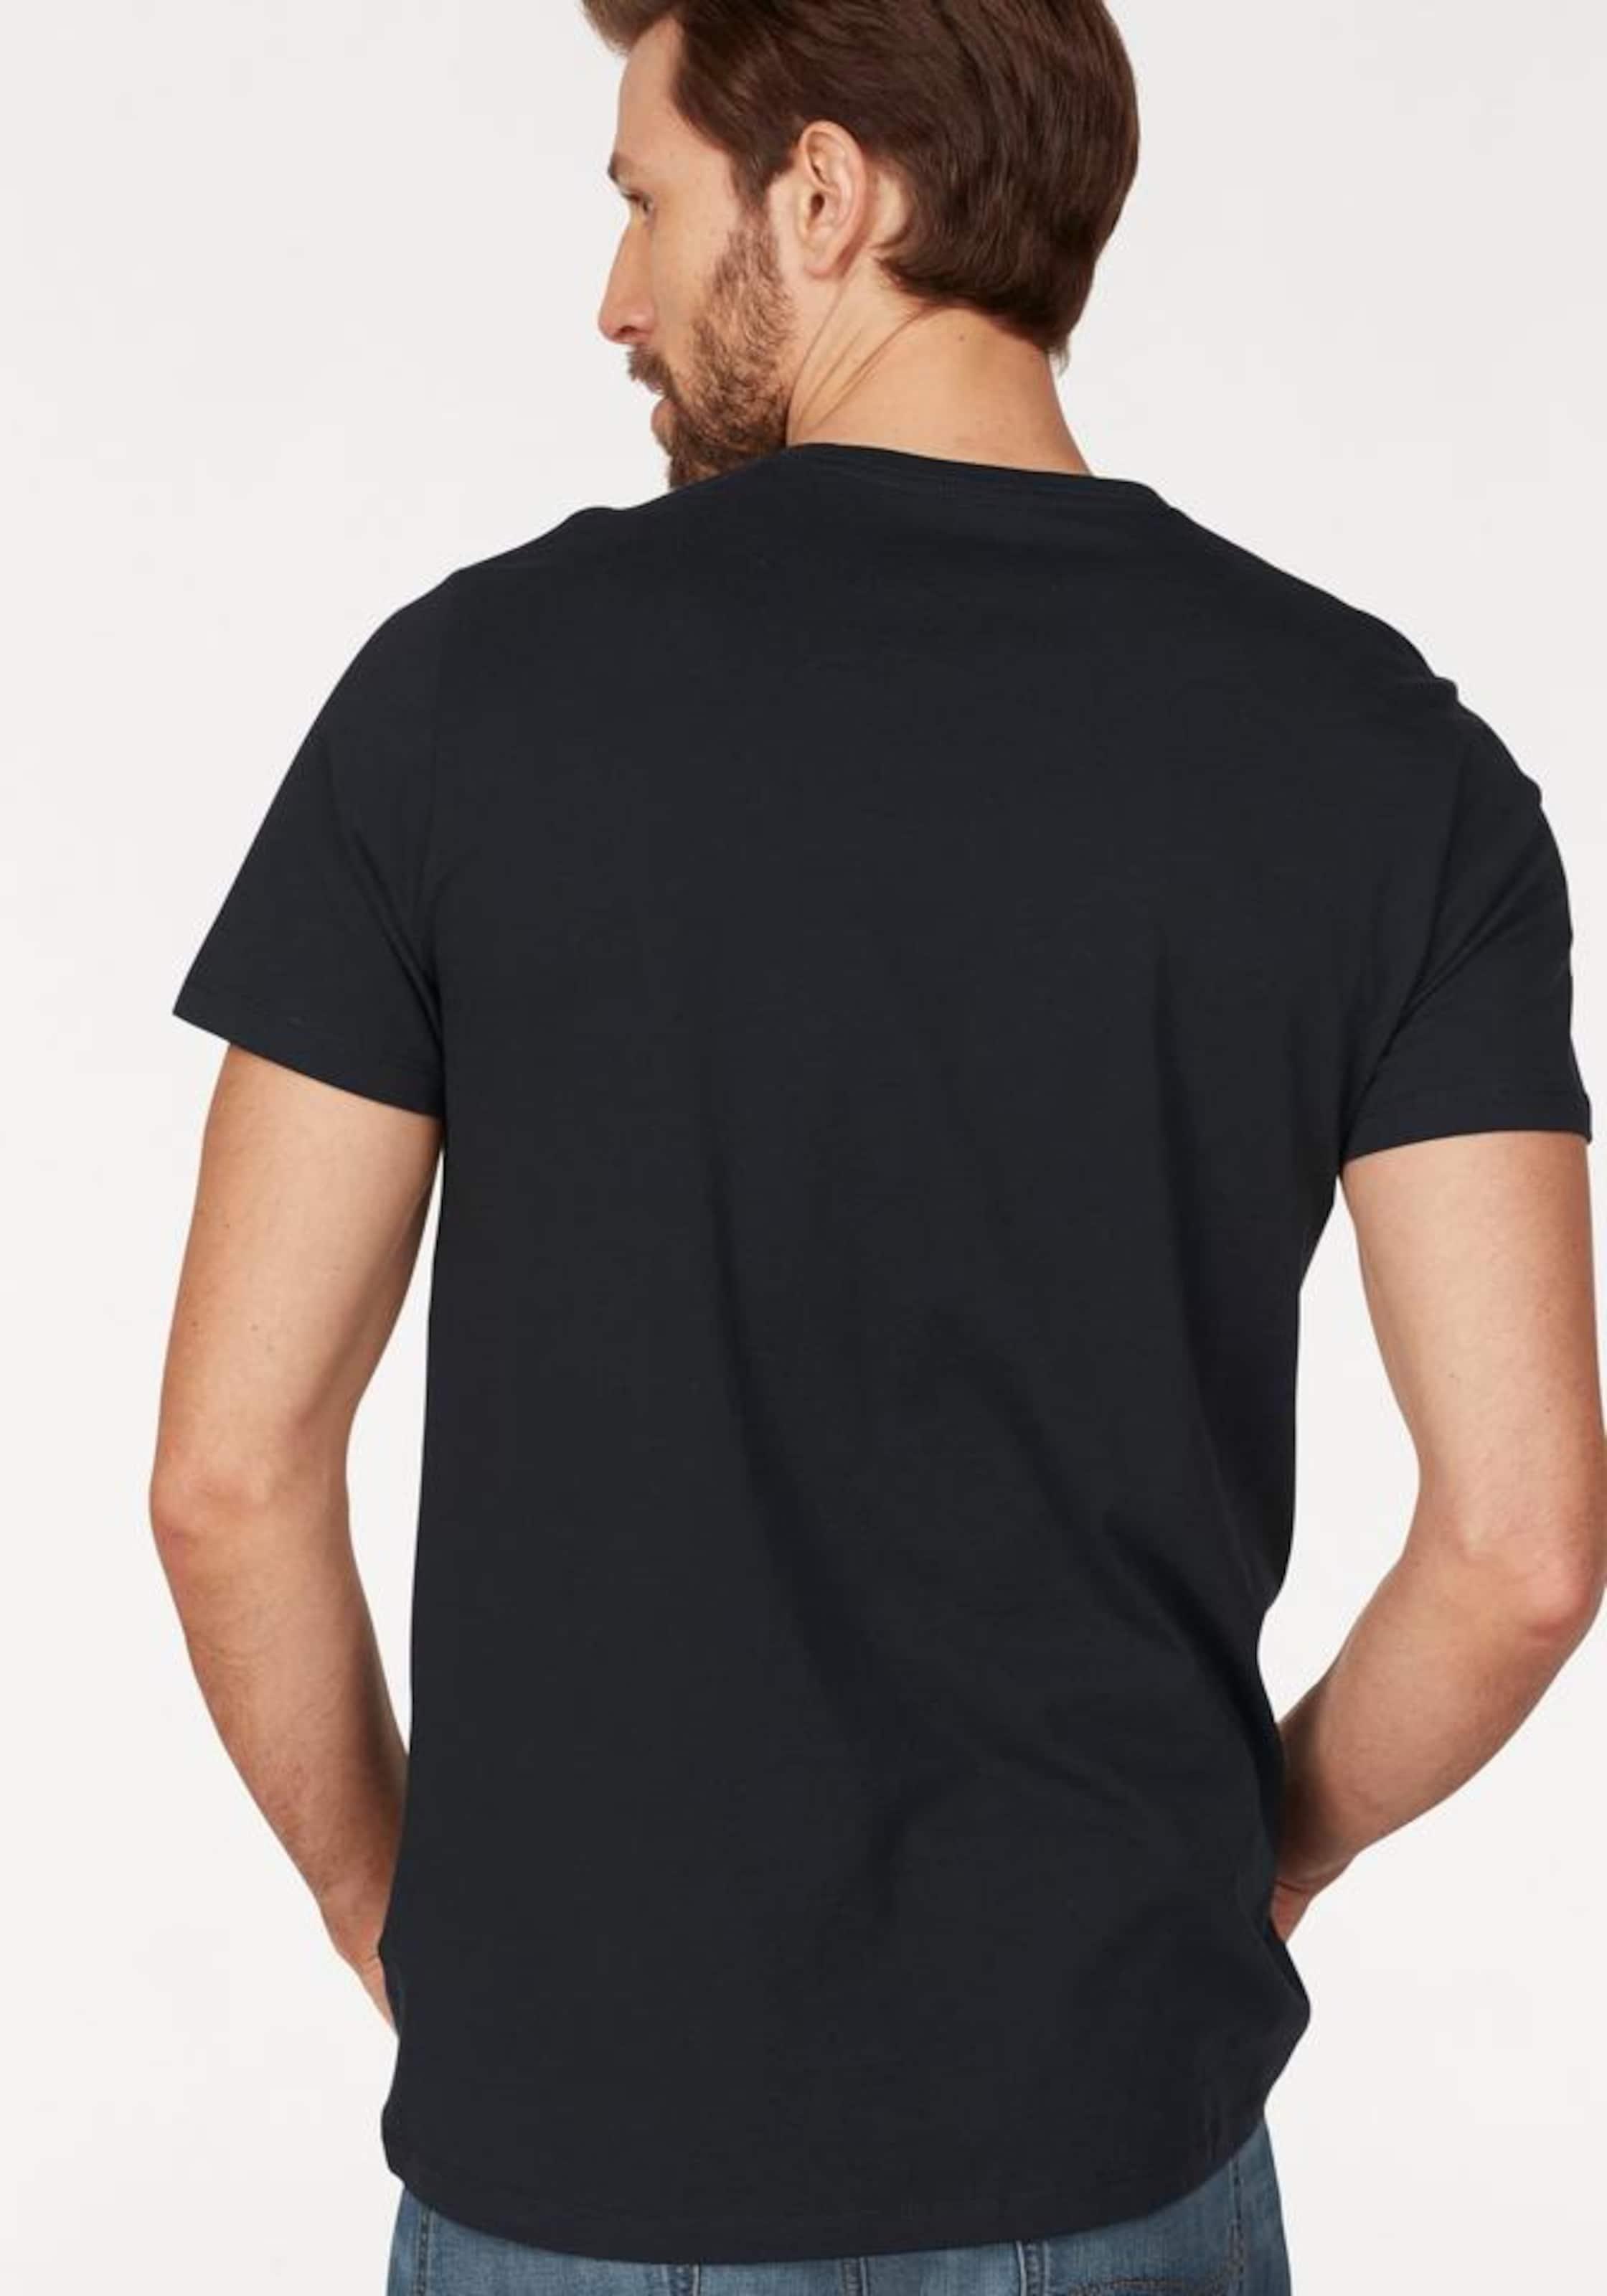 Günstige Standorte Verkauf Auslass Spielraum Große Überraschung ESPRIT T-Shirt 45Xebc91G